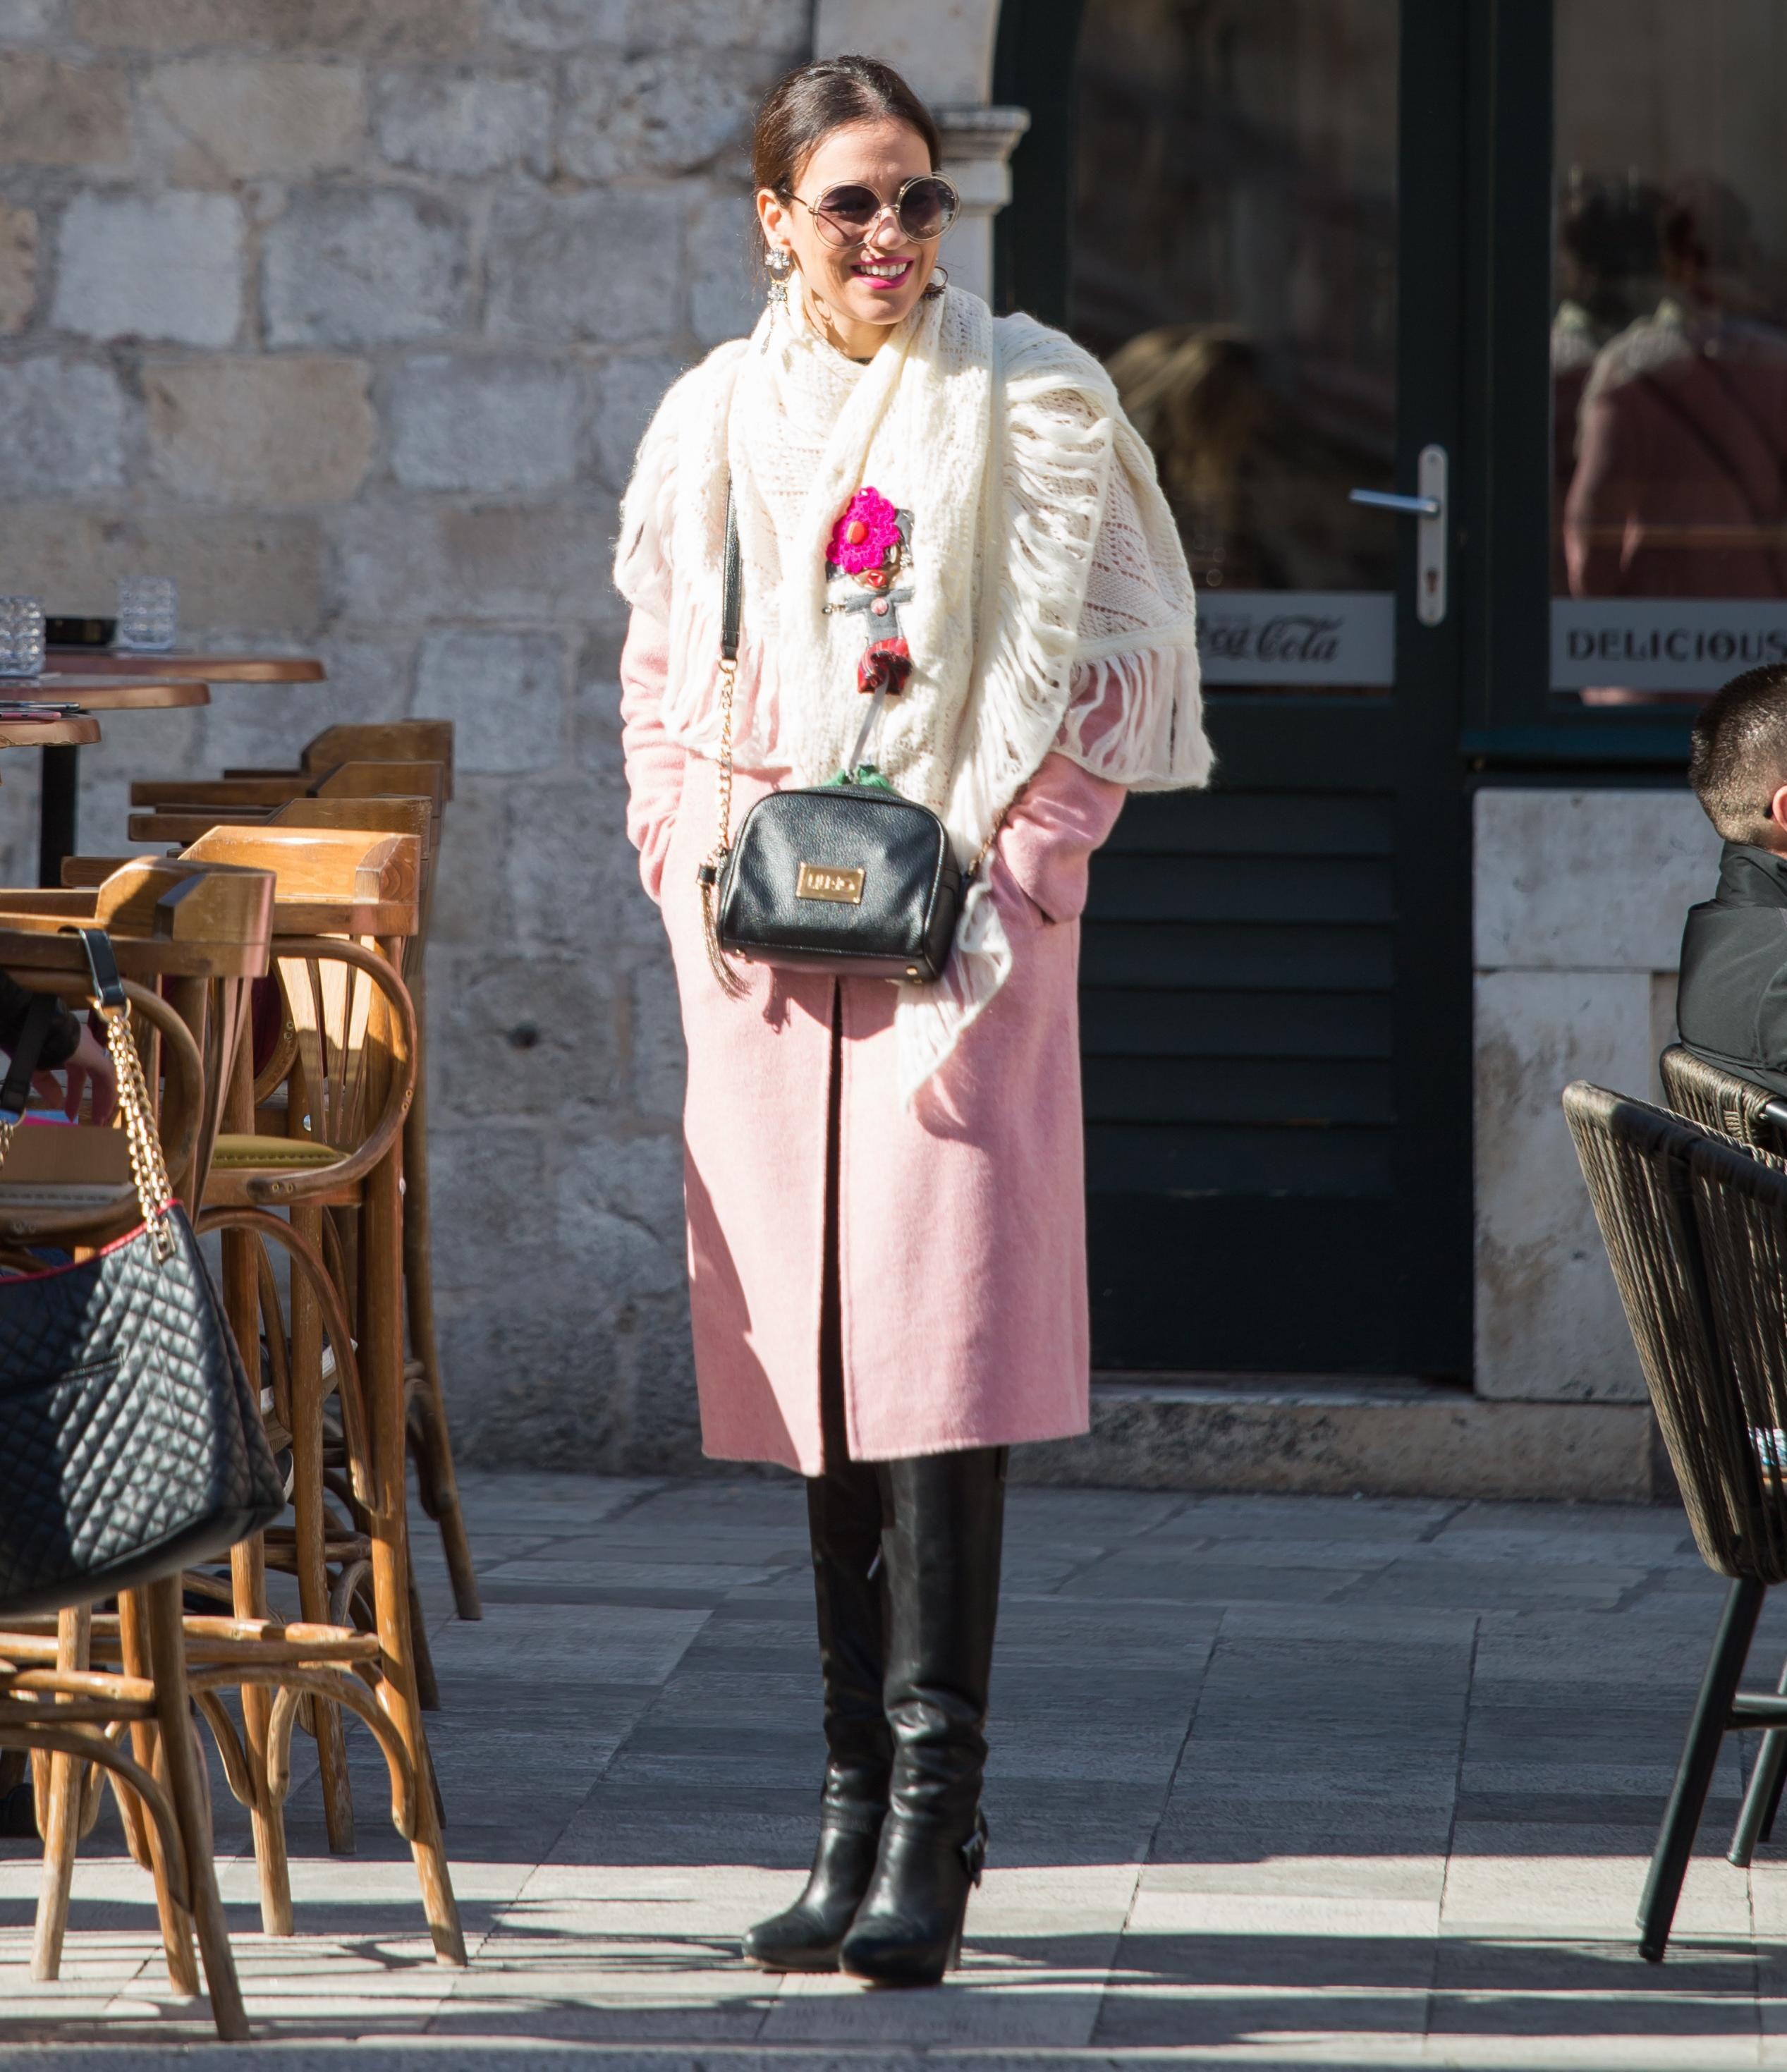 Zgodne dame u Dubrovniku iskoristile sunčan dan i pokazale stylish kombinacije